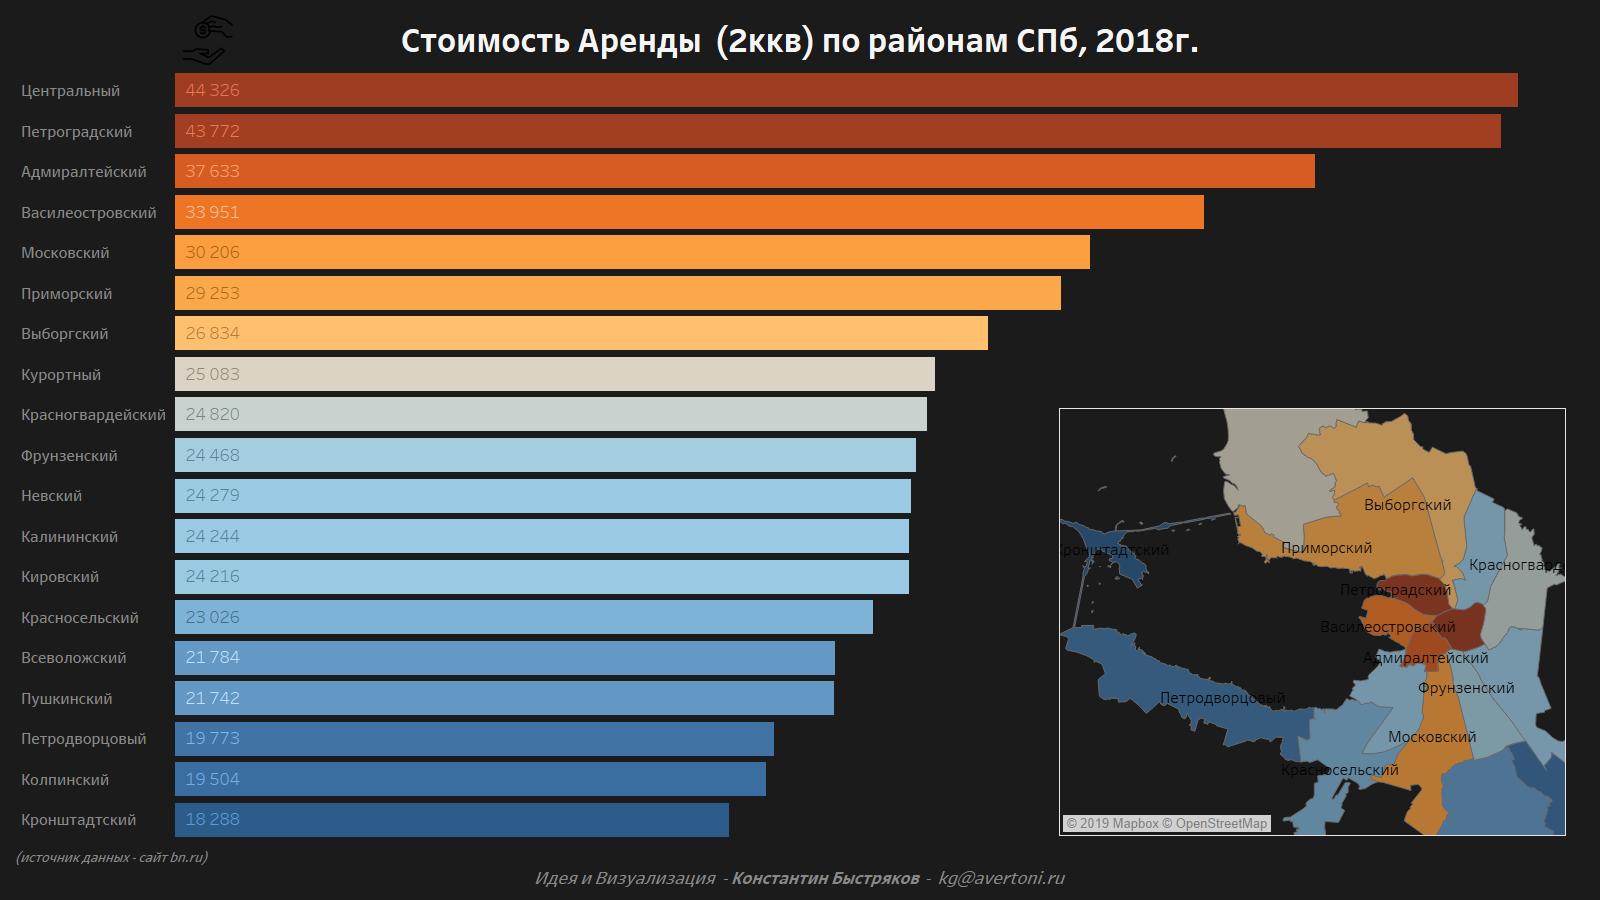 График стоимости аренды двухкомнатной квартиры в СПб в 2018 году.